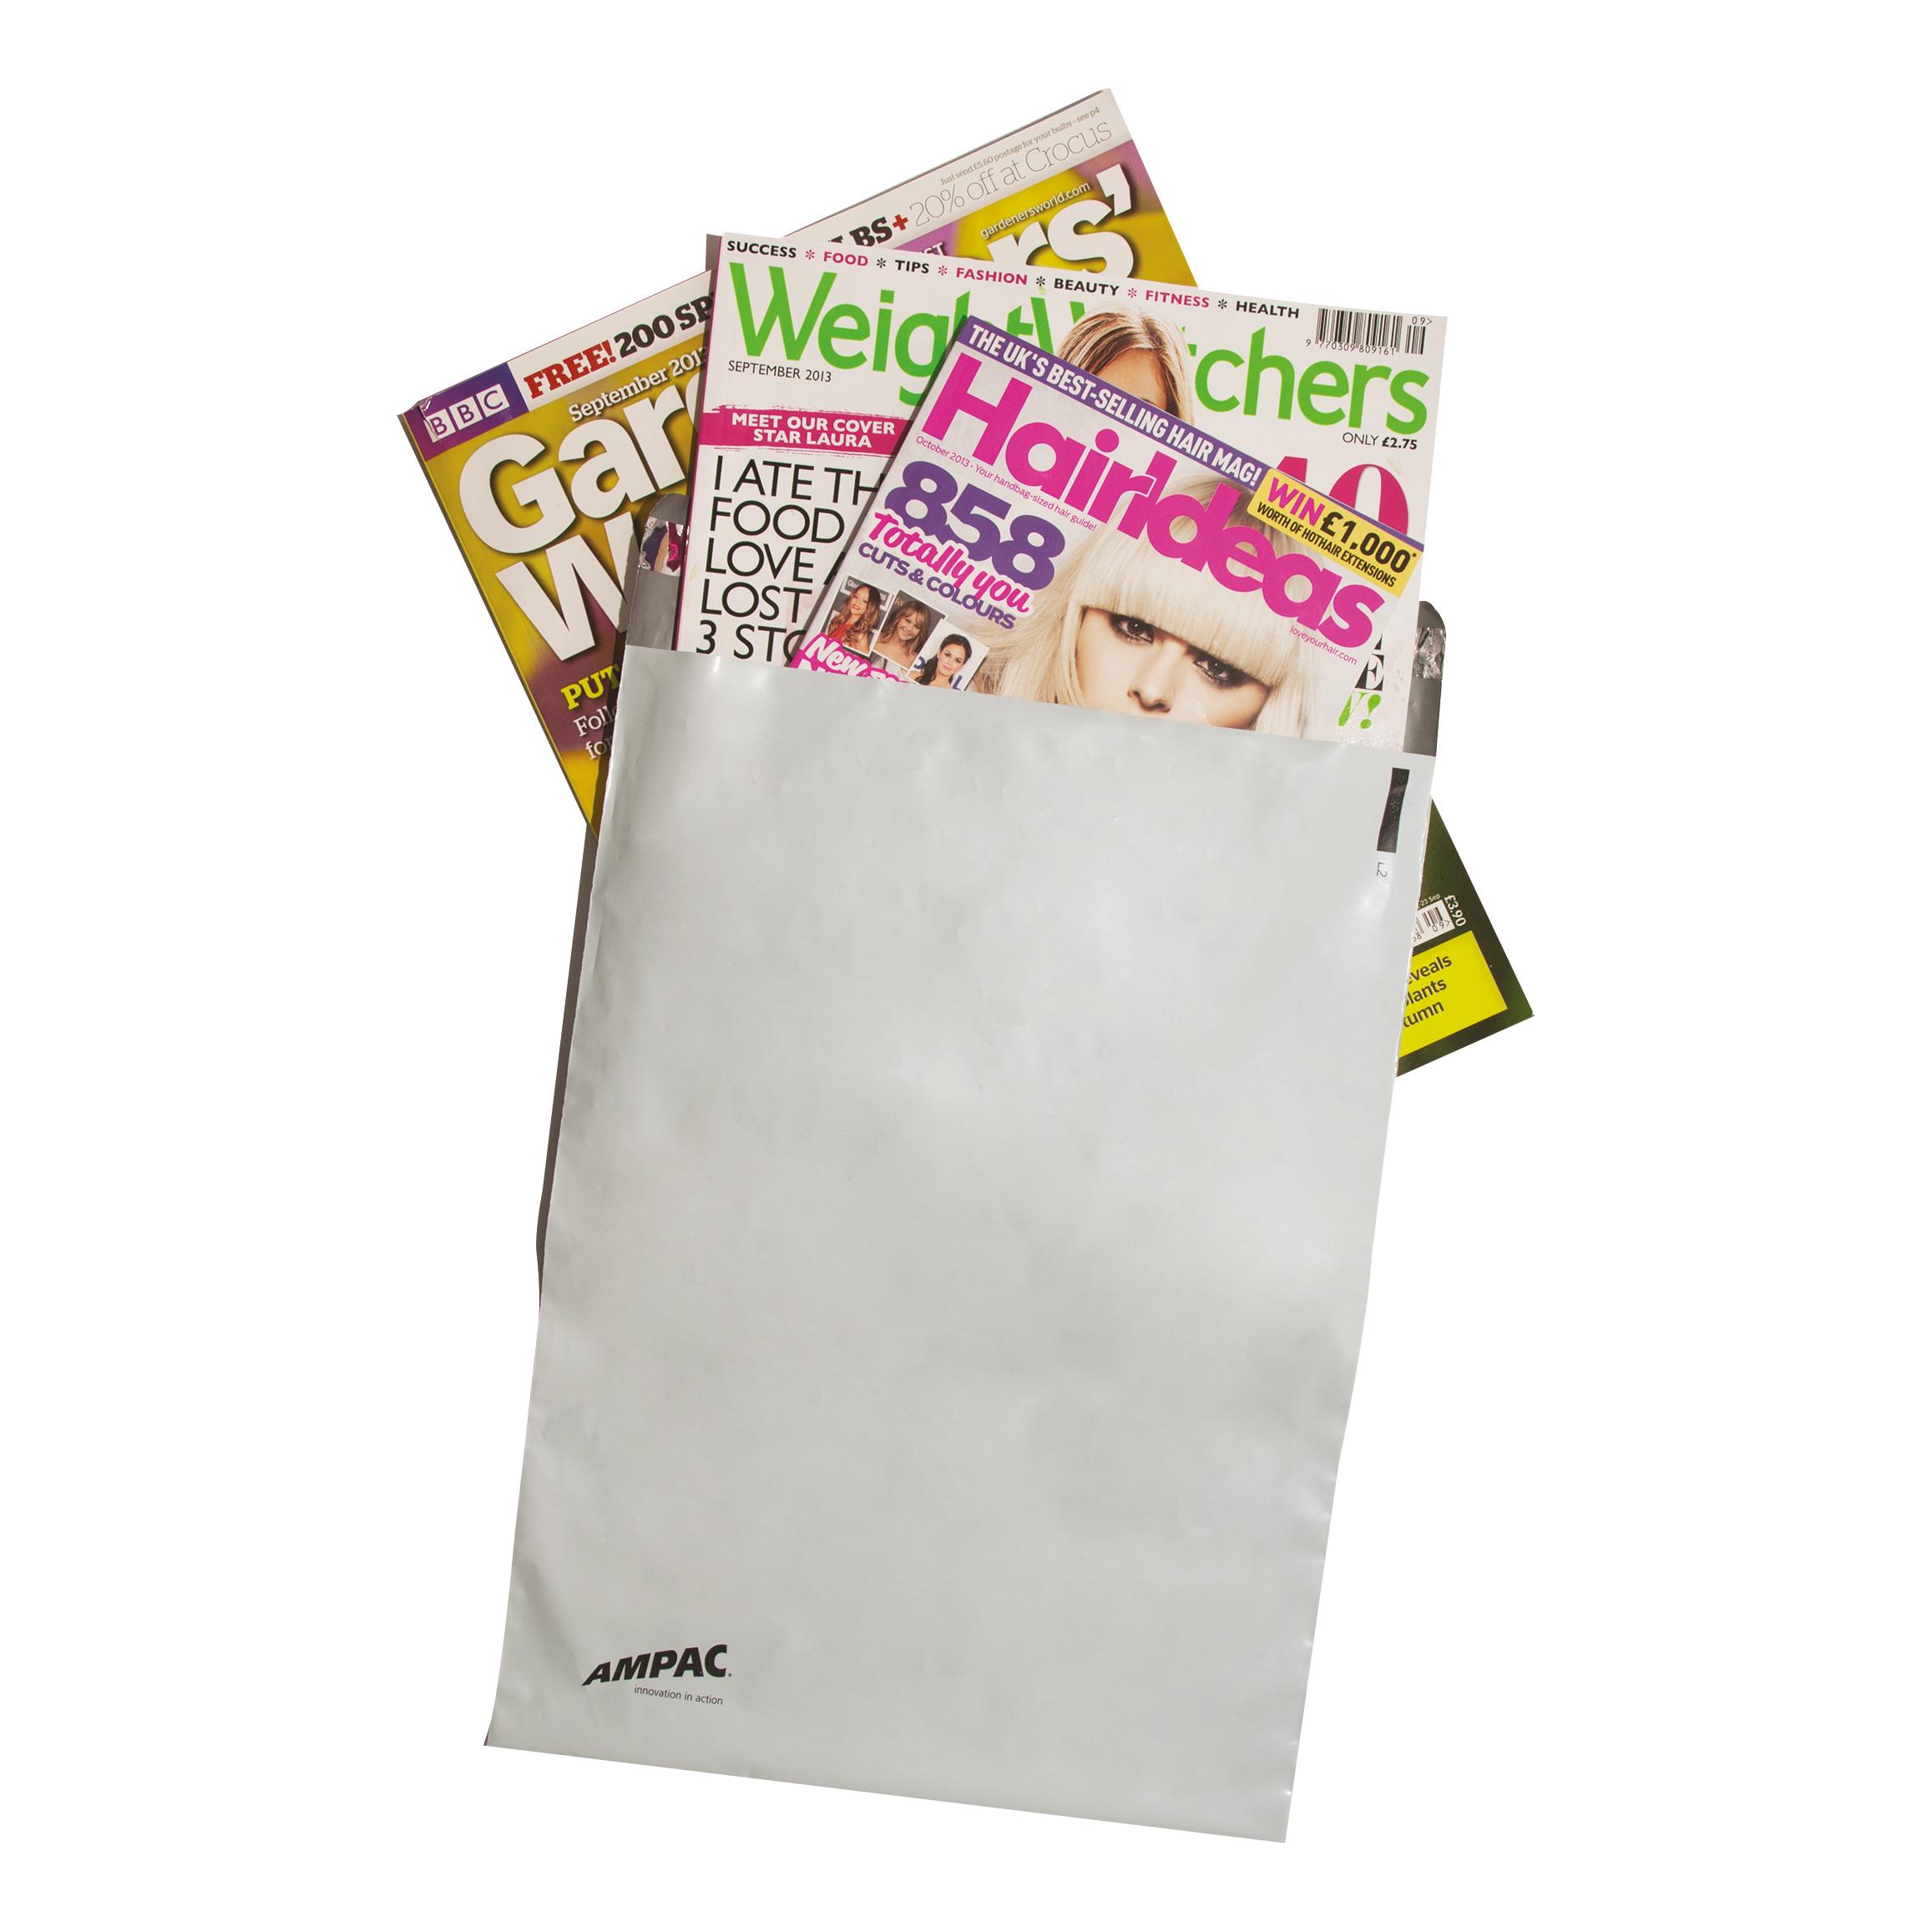 Keepsafe LightWeight Envelope Polythene Opaque DX W440xH320mm Peel & Seal Ref KSV-L4 Pack 100